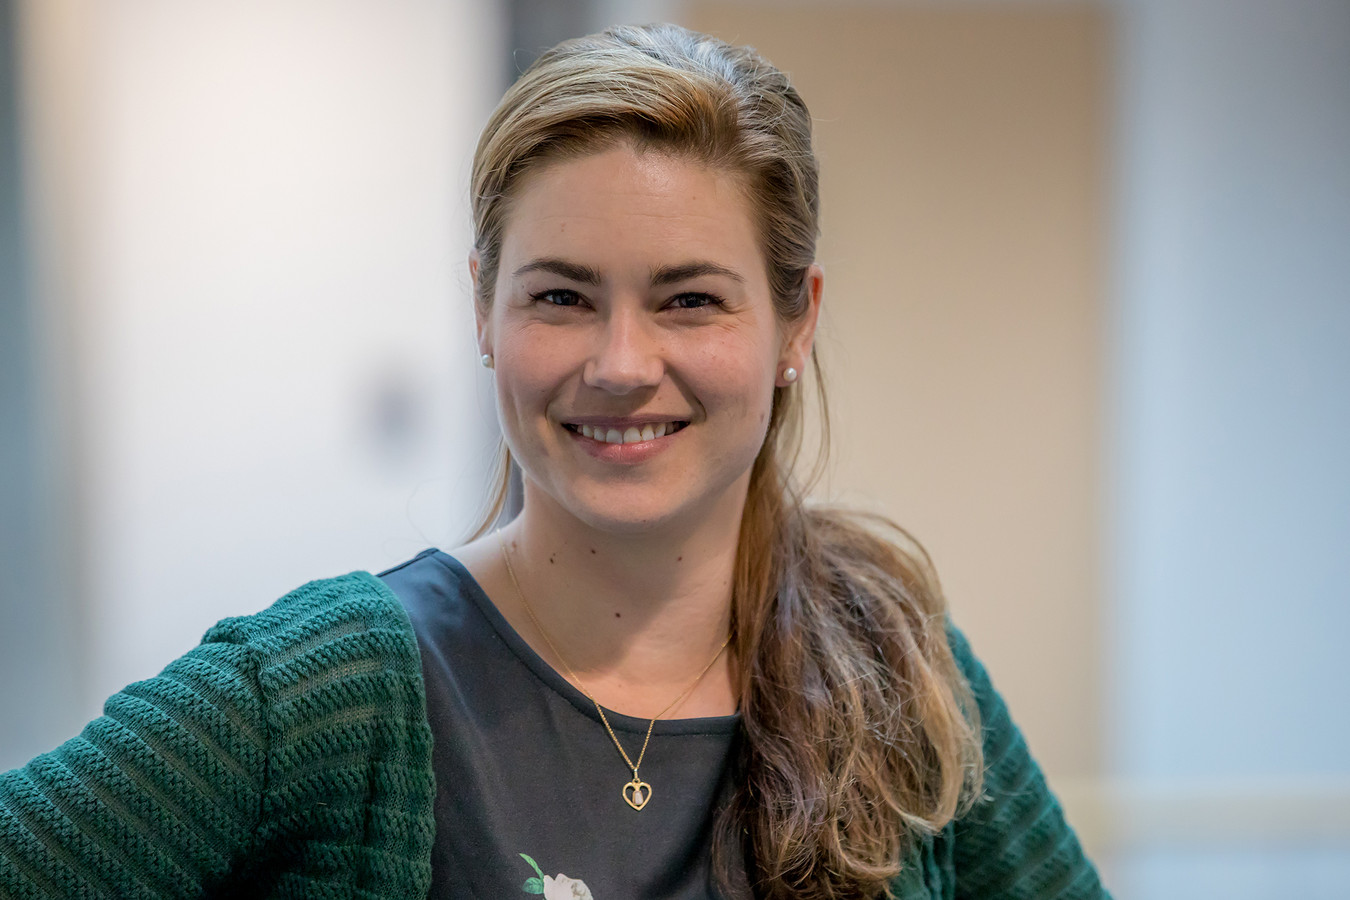 Femke de Vries van GroenLinks Schouwen-Duiveland is met zwangerschapsverlof en wordt tijdelijk vervangen door partijgenoot en afdelingsvoorzitter Henk Struijk.